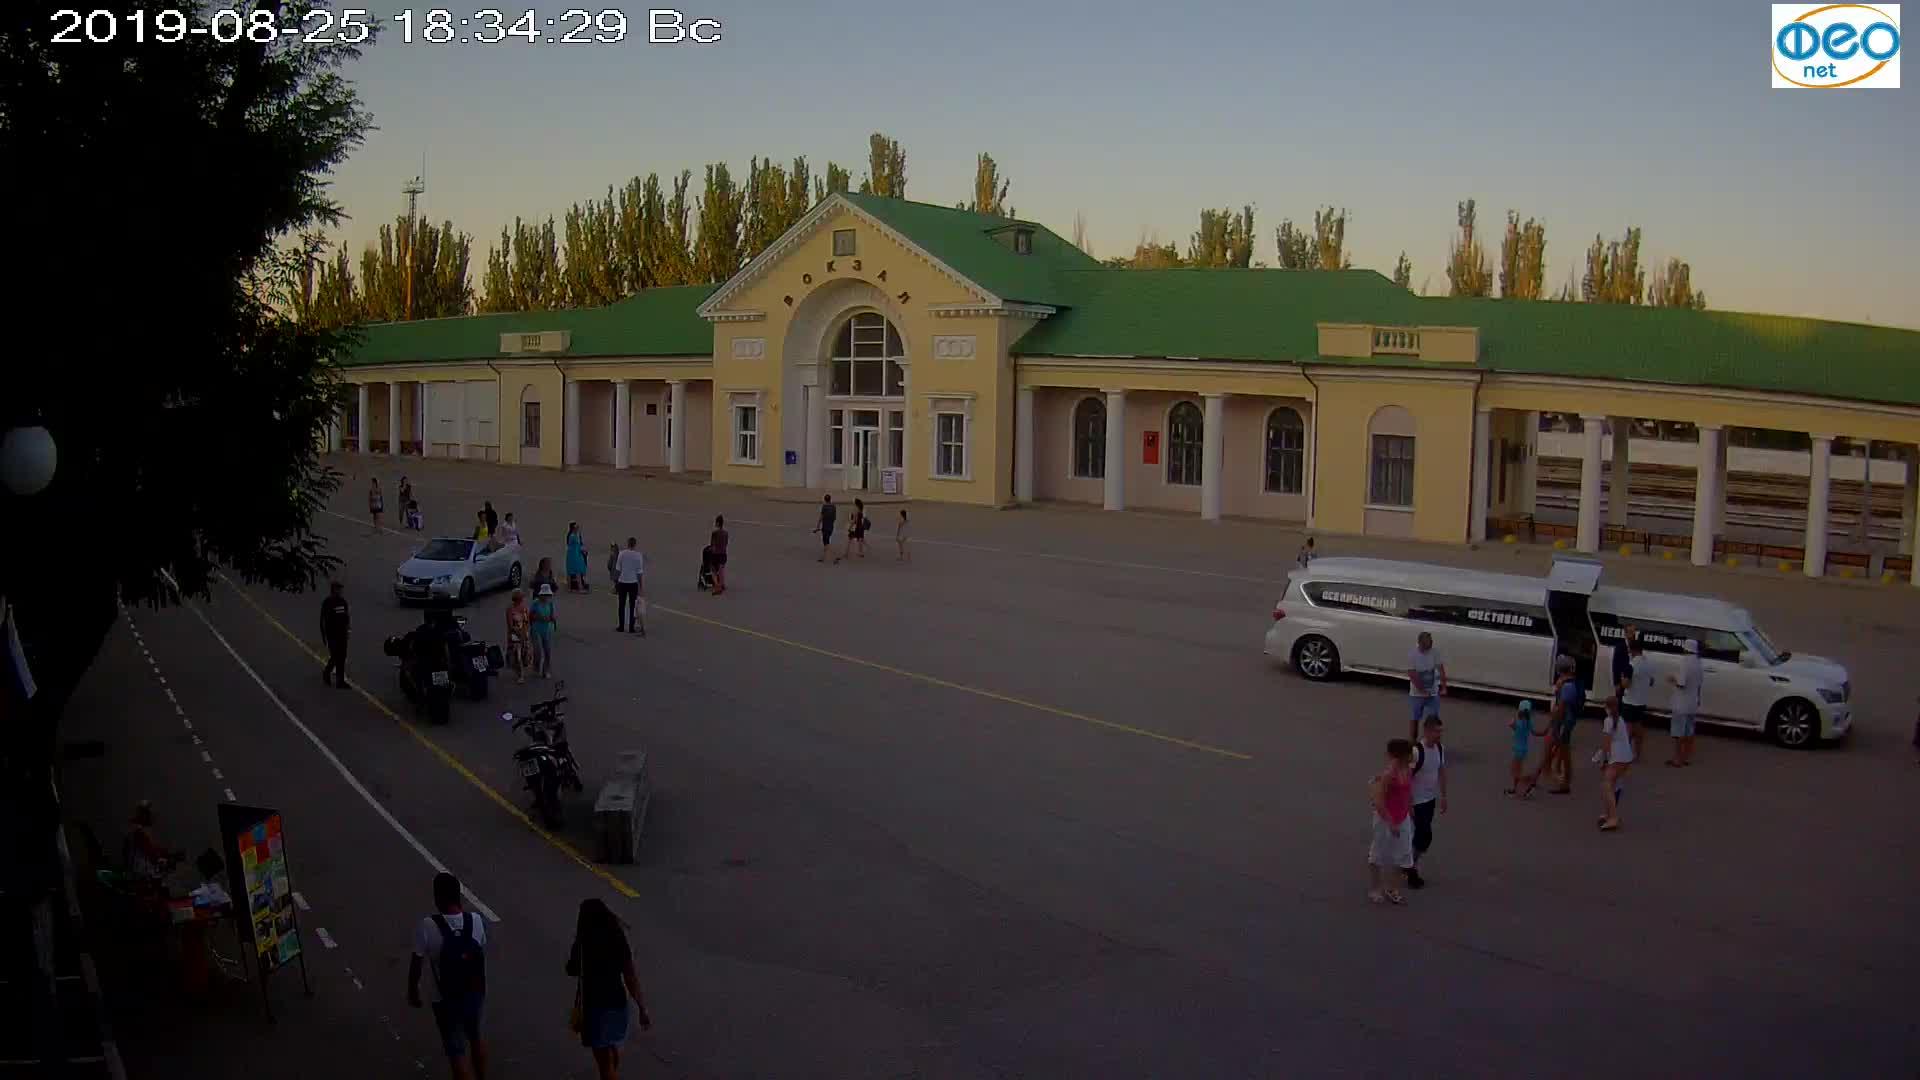 Веб-камеры Феодосии, Привокзальная площадь, 2019-08-25 18:50:06